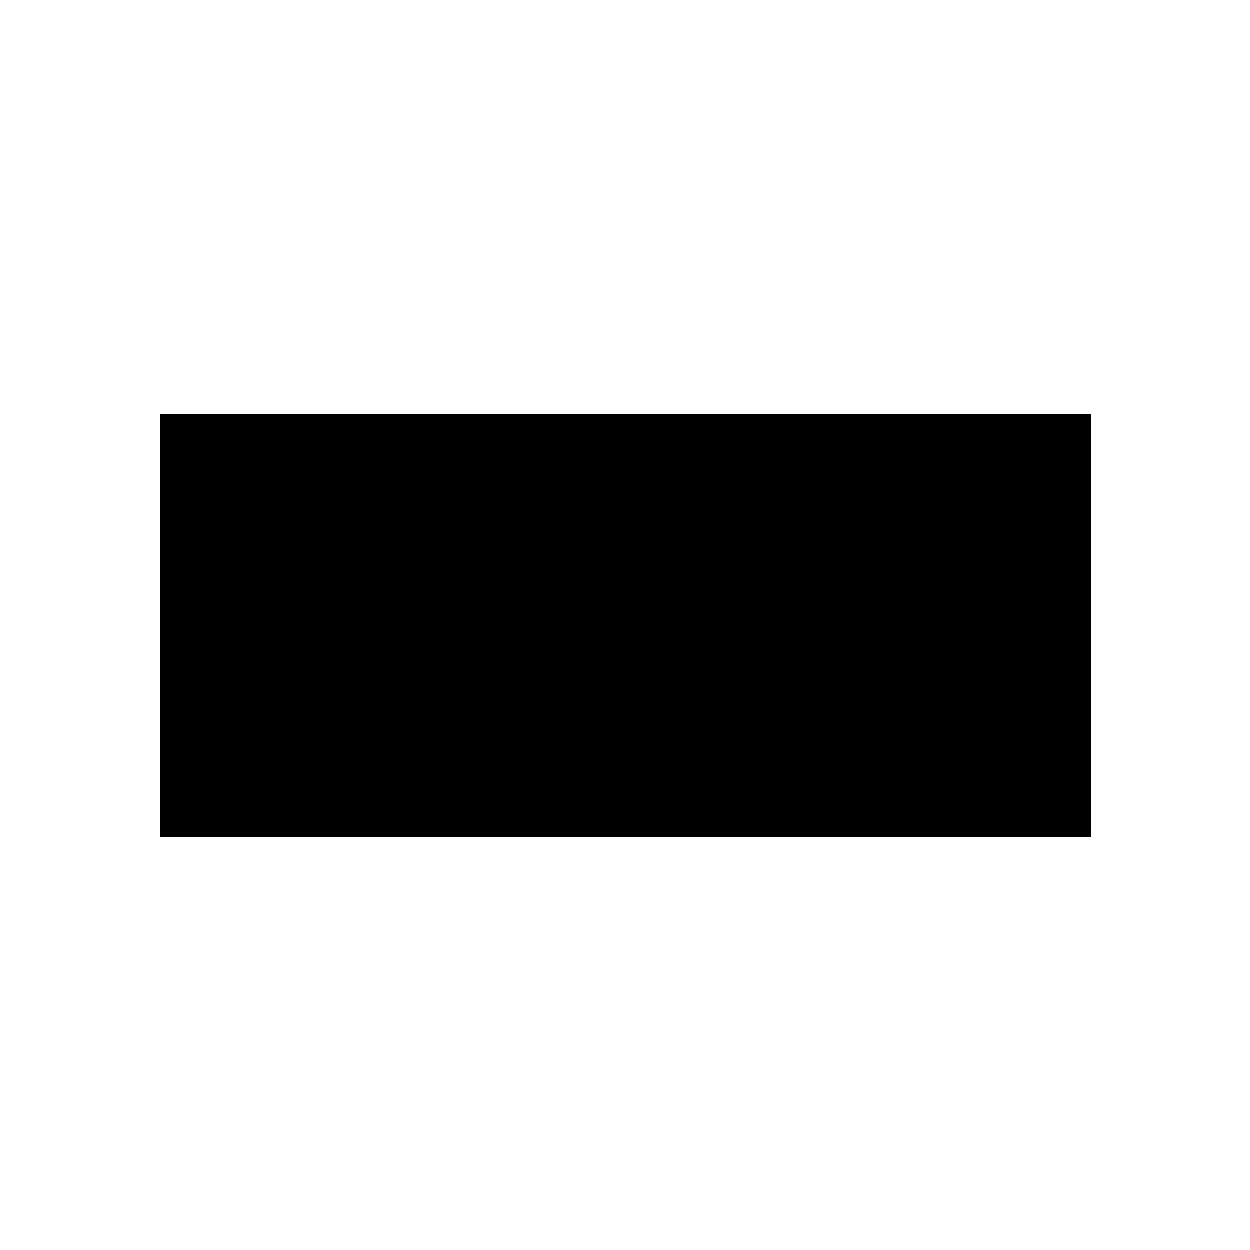 Png Yazılım